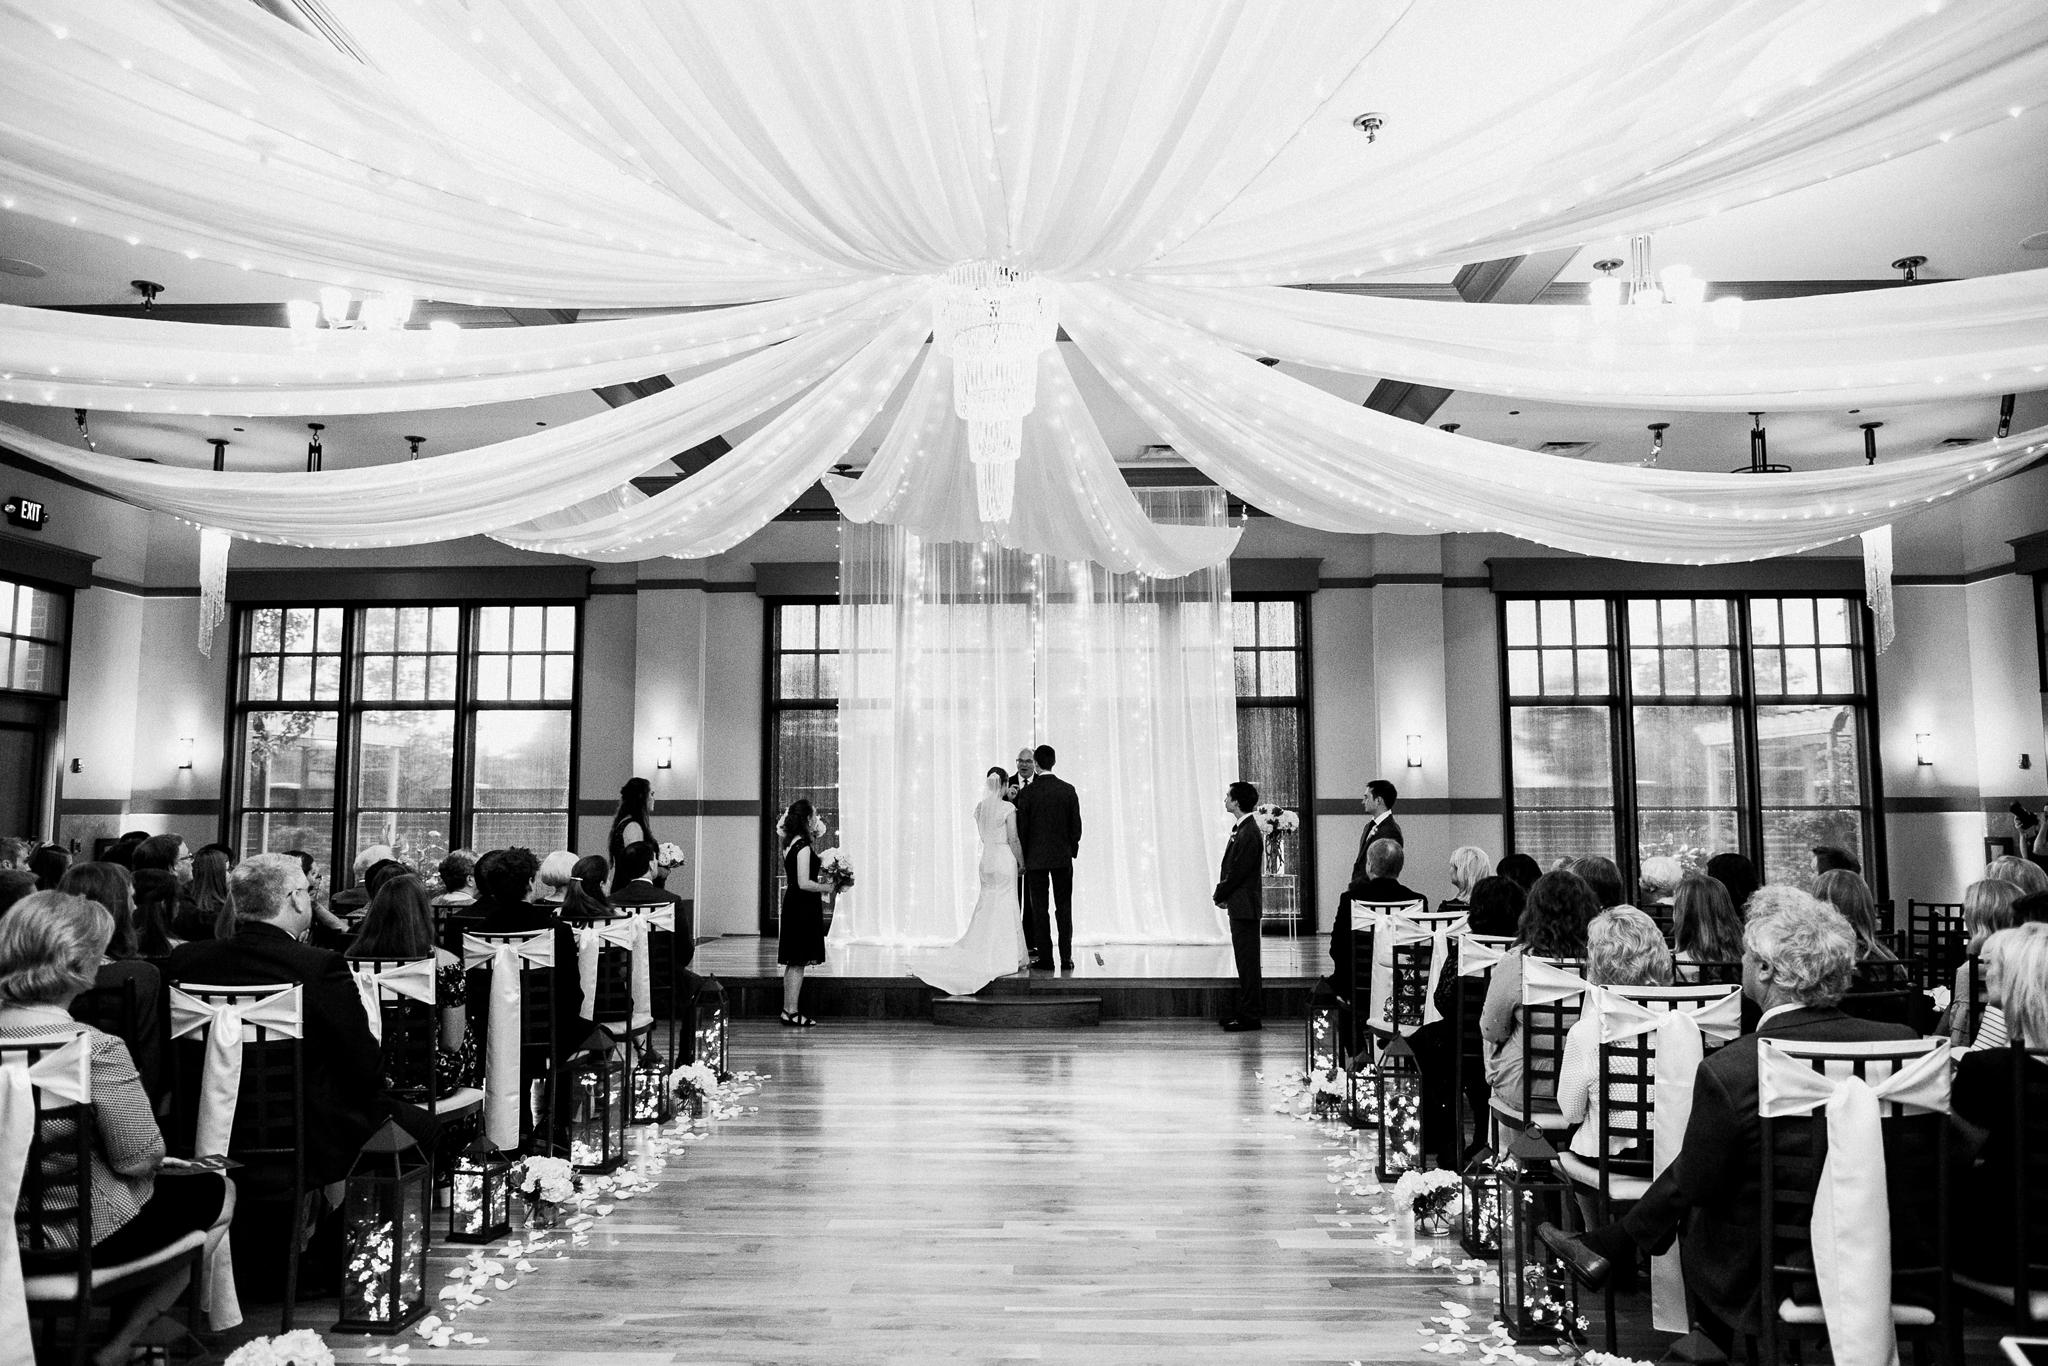 noahs_event_venue_naperville_IL_wedding_photographer_0047.jpg